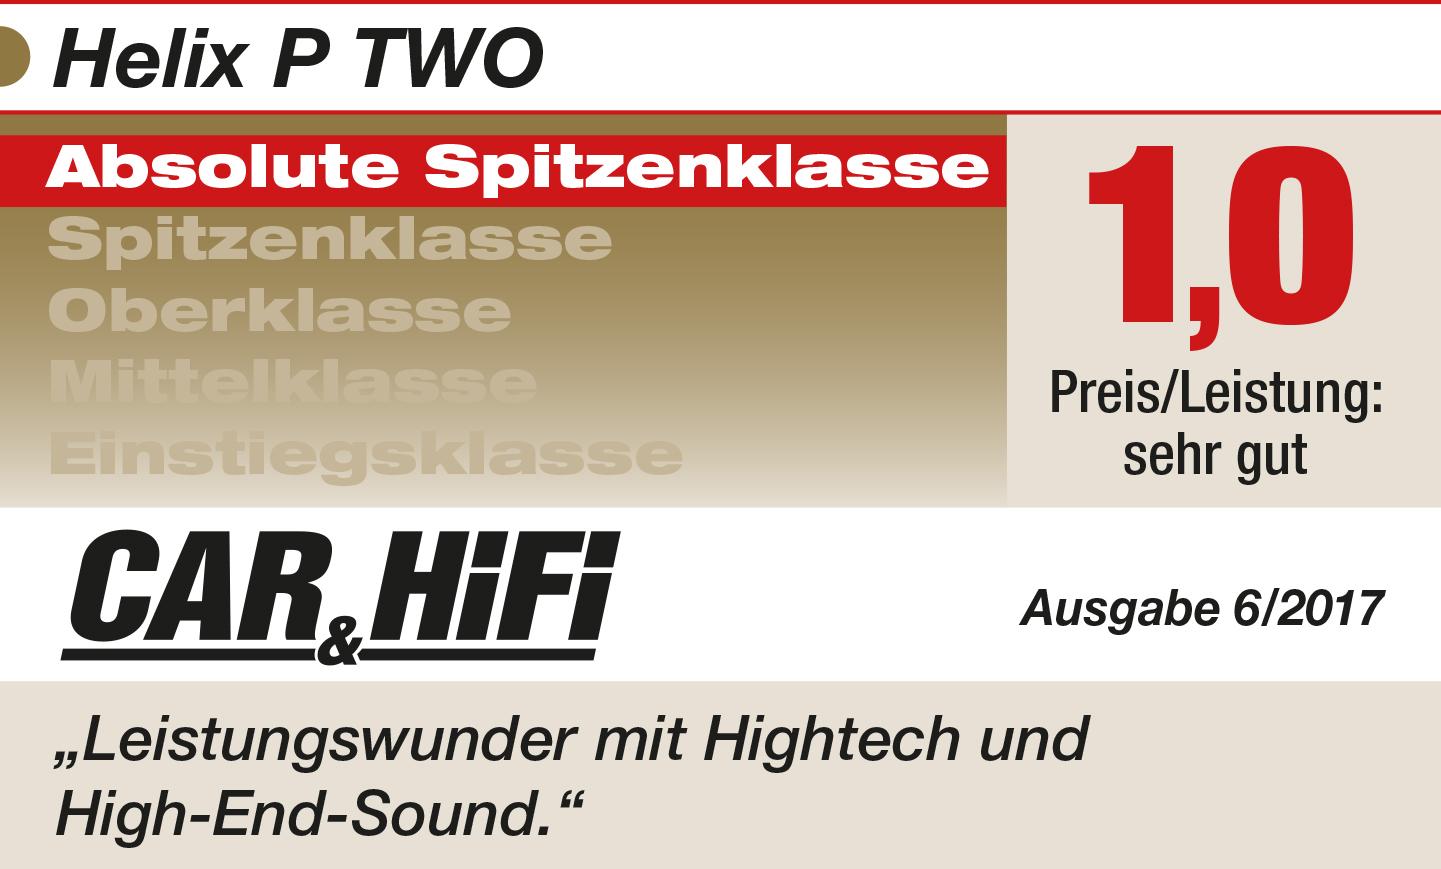 2017-06-Car-Hifi-Bewertung-HELIX-P-TWOWPq8Kn2sOTb44